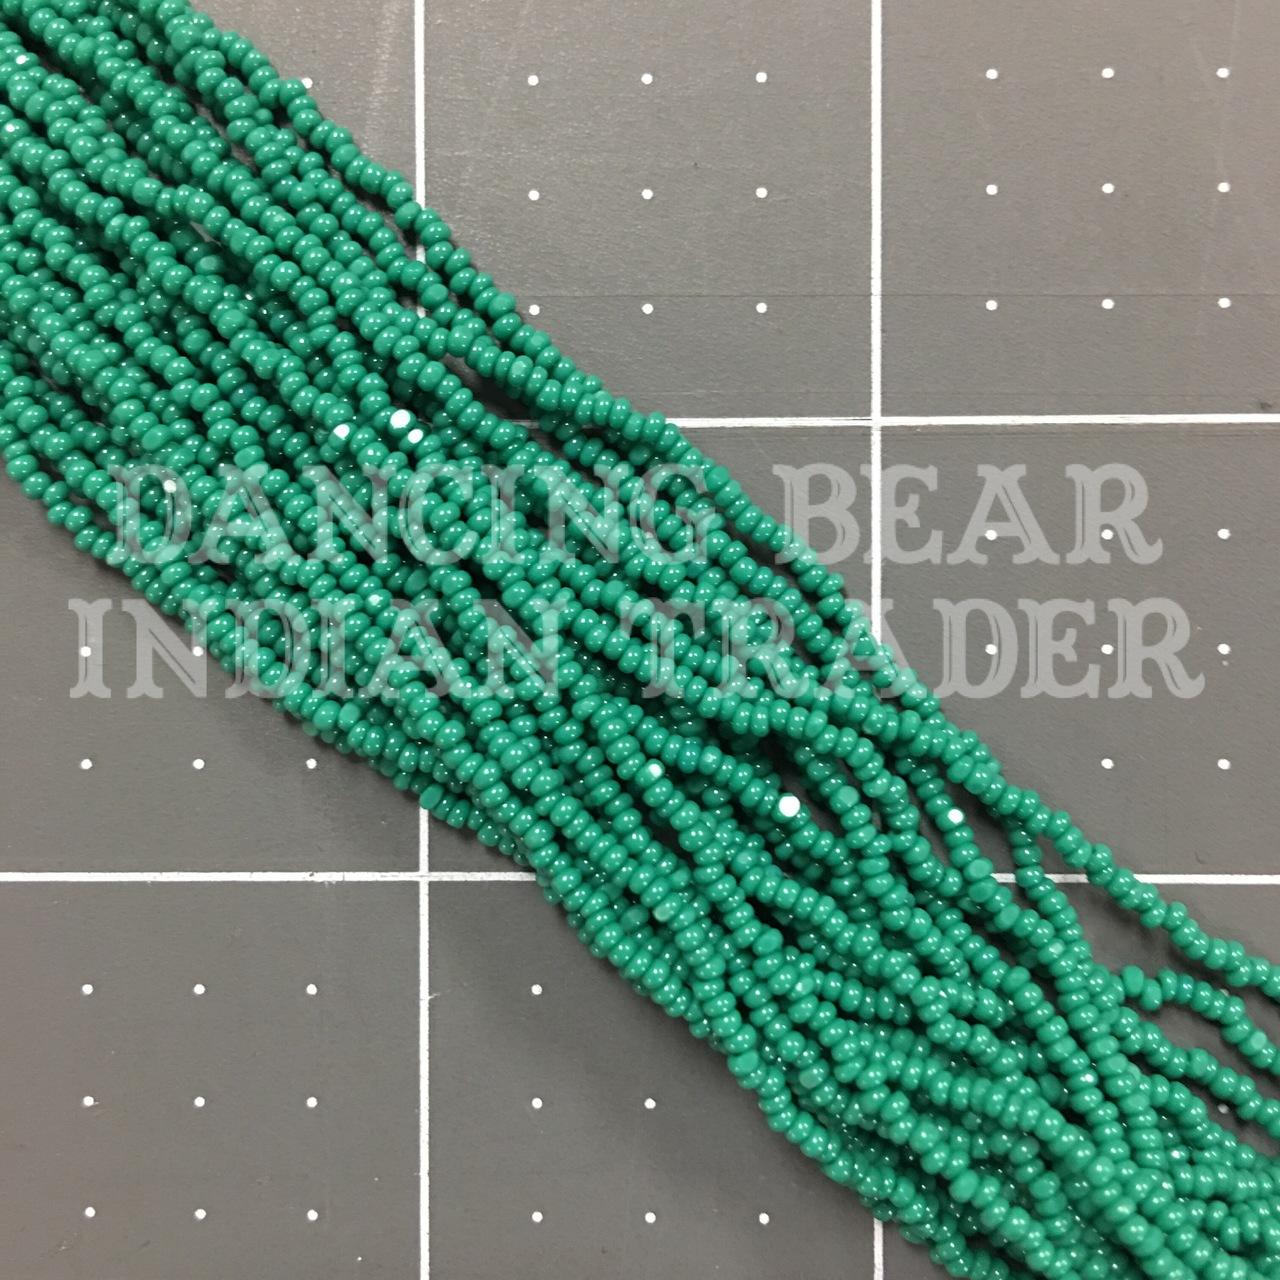 13c-219OP Opaque Jade-Blue Green